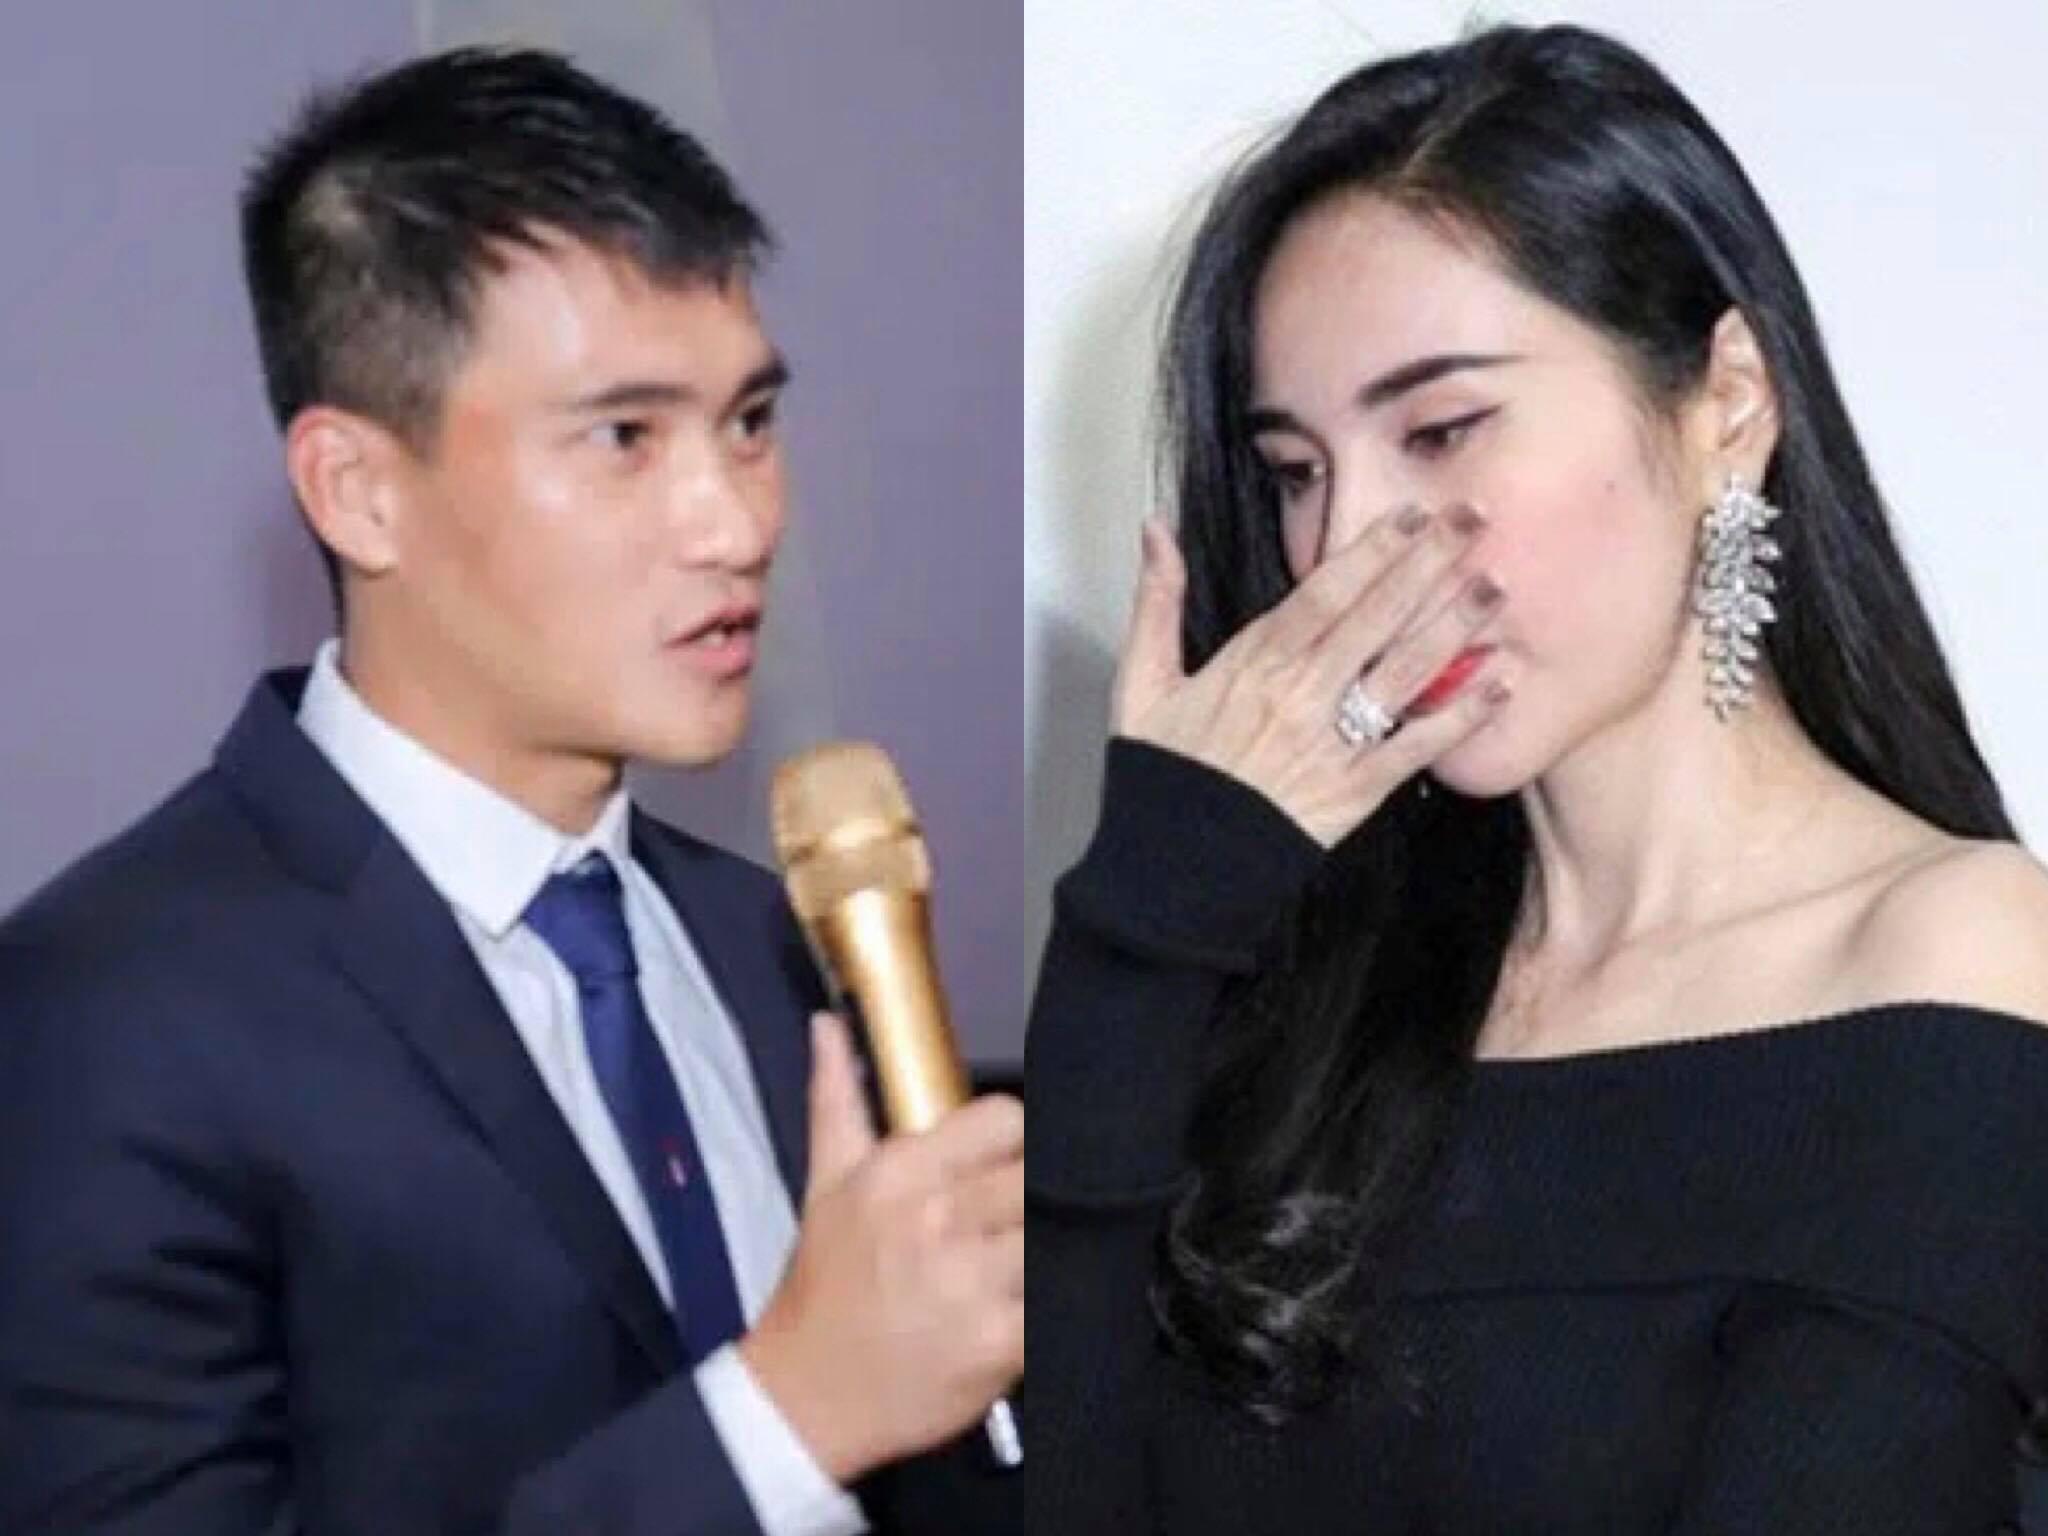 BIẾN: Thủy Tiên bị tố 'nhận vơ' cả trăm tấn lương thực giúp đỡ Sài Gòn, Công Vinh lần đầu khó chịu phán 'cực gắt' khiến antifan 'câm nín' tuyệt đối